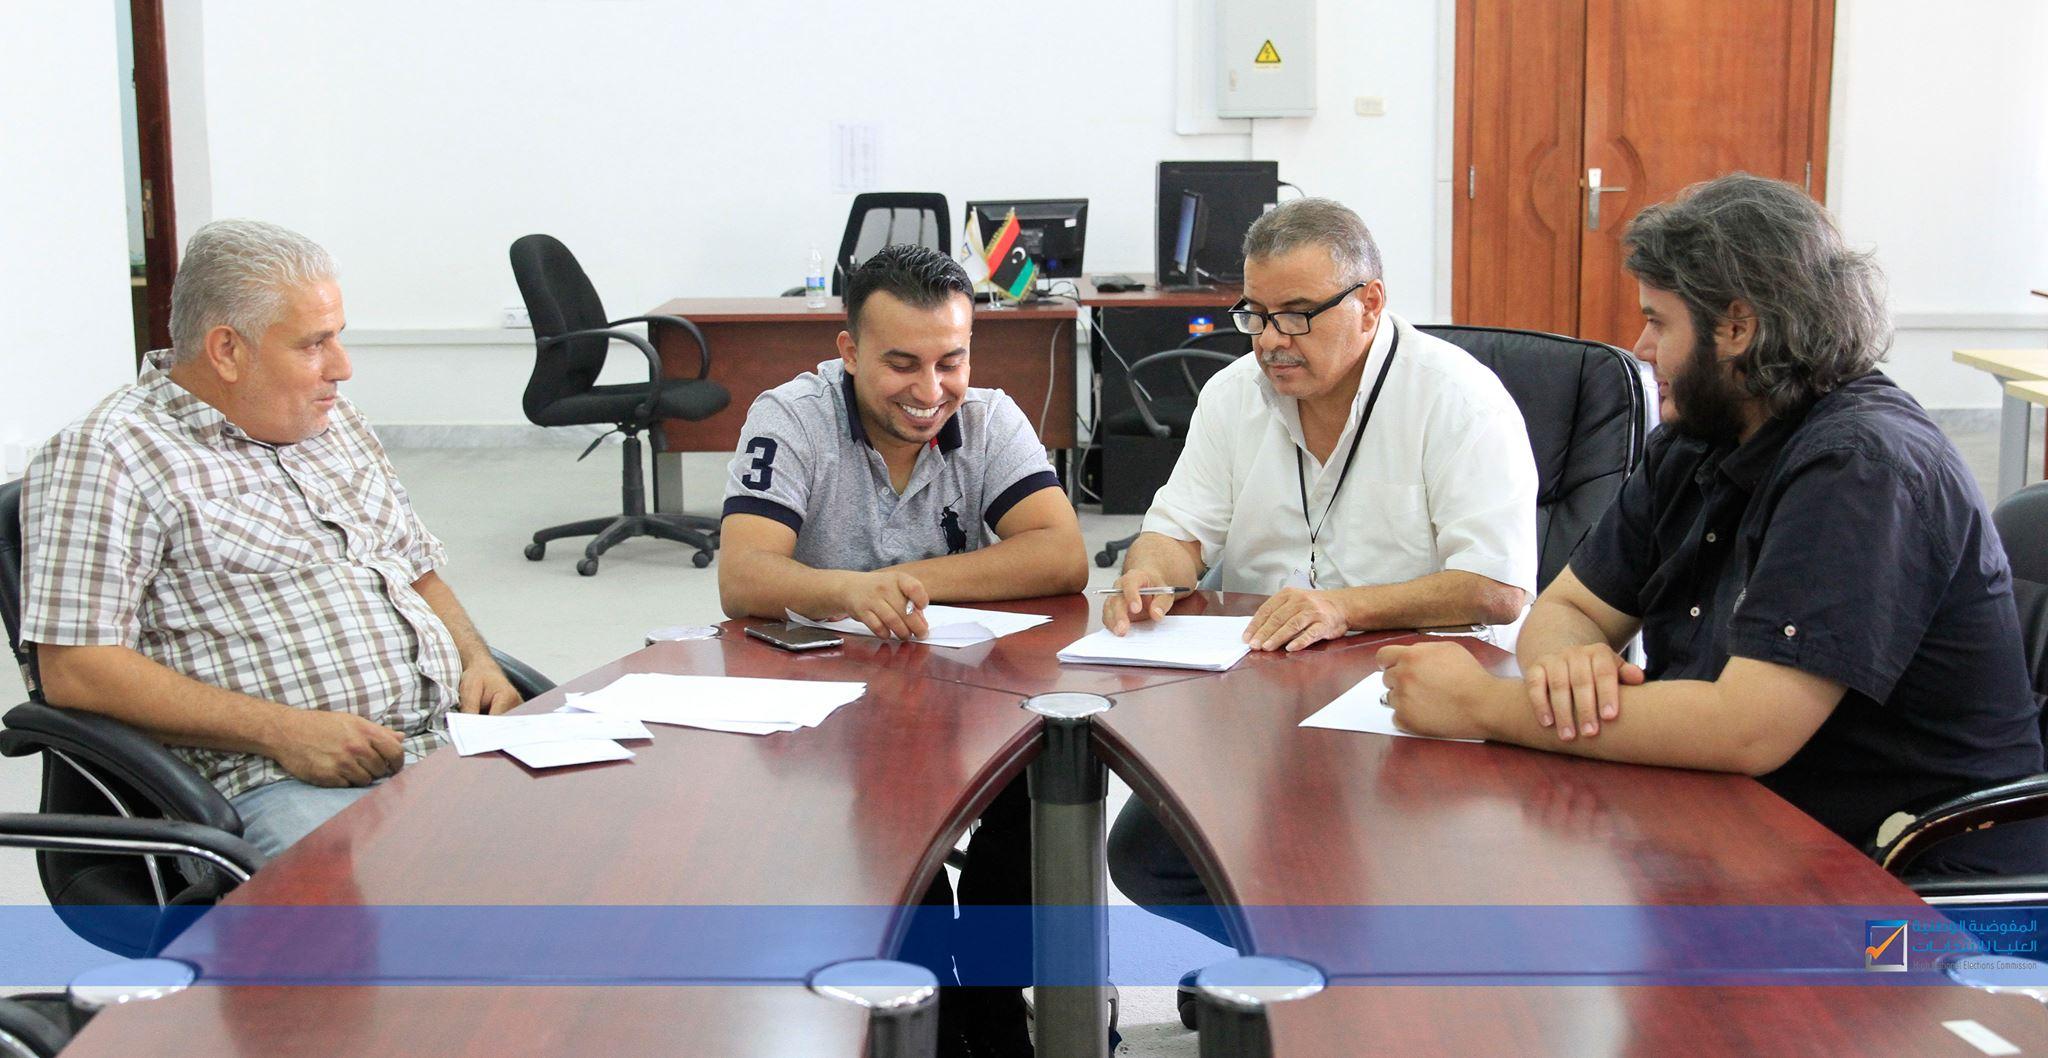 اجتماع بإدارة التوعية مع ممثلي المنتدى الليبي للأشخاص ذوي الإعاقة